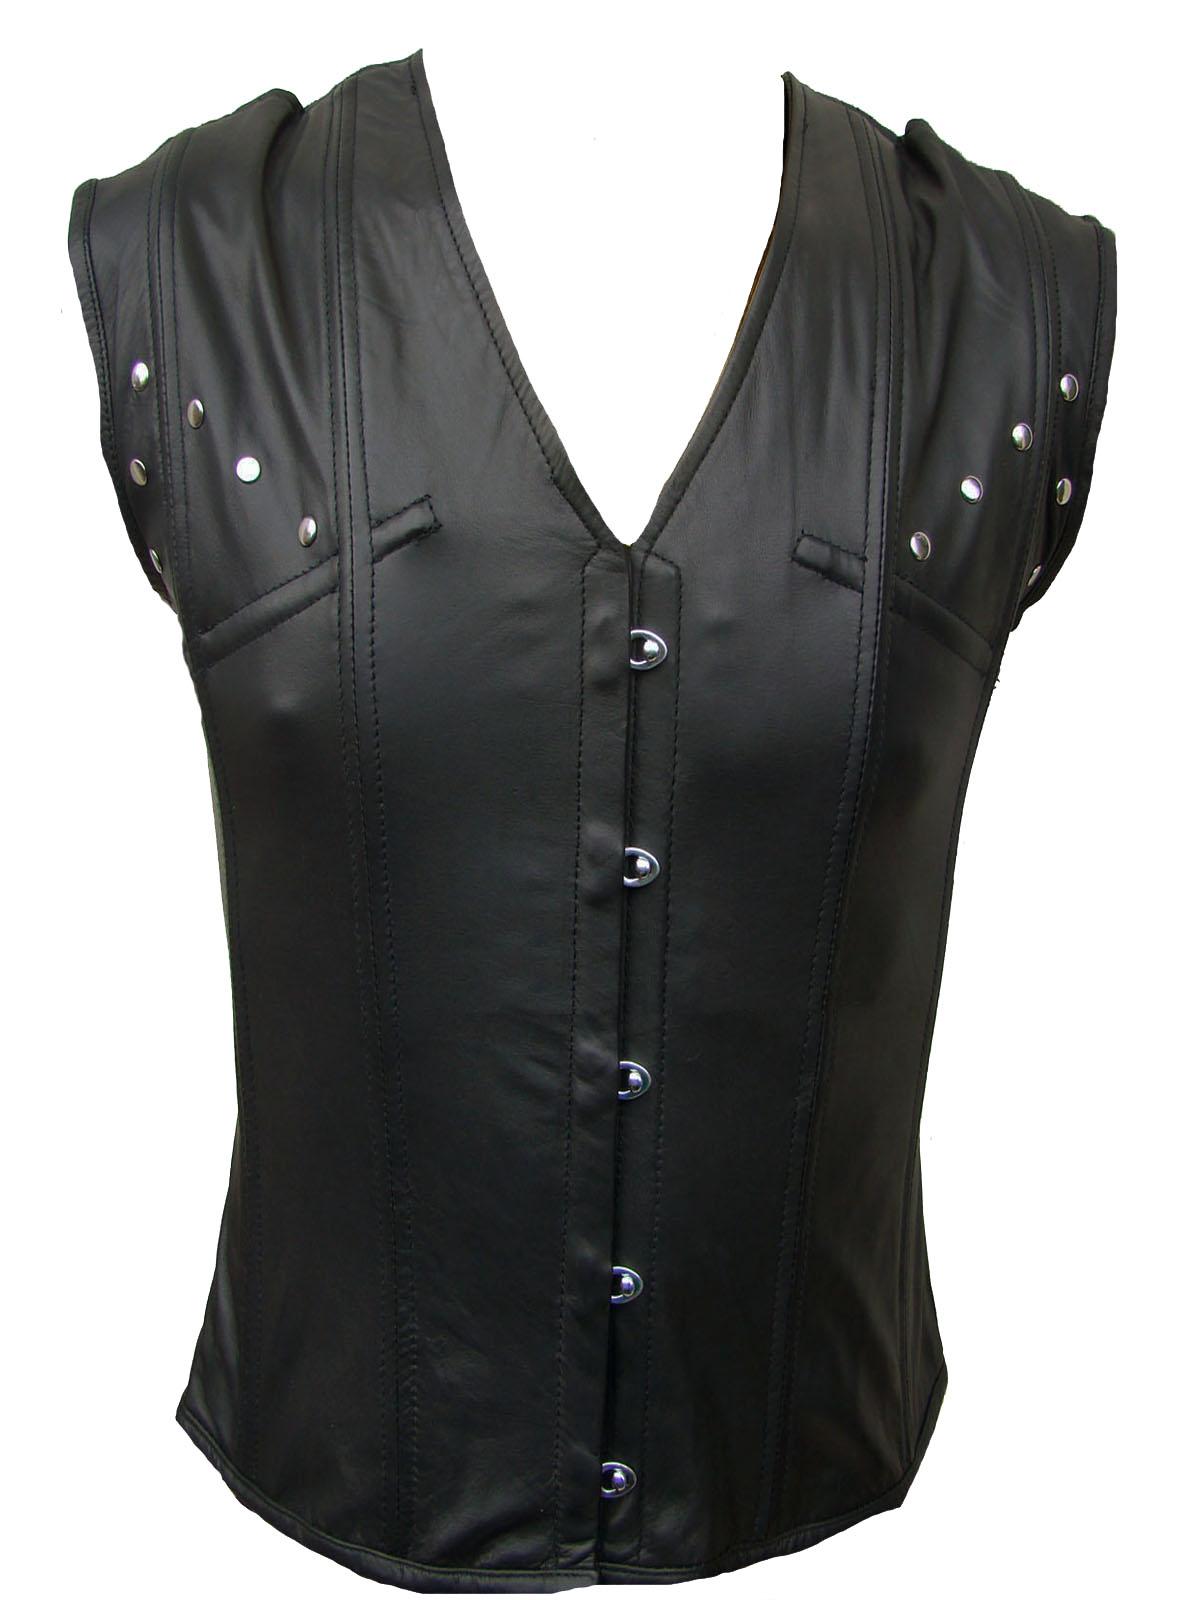 korsett weste echt leder jacke kutte korsett leather vest. Black Bedroom Furniture Sets. Home Design Ideas